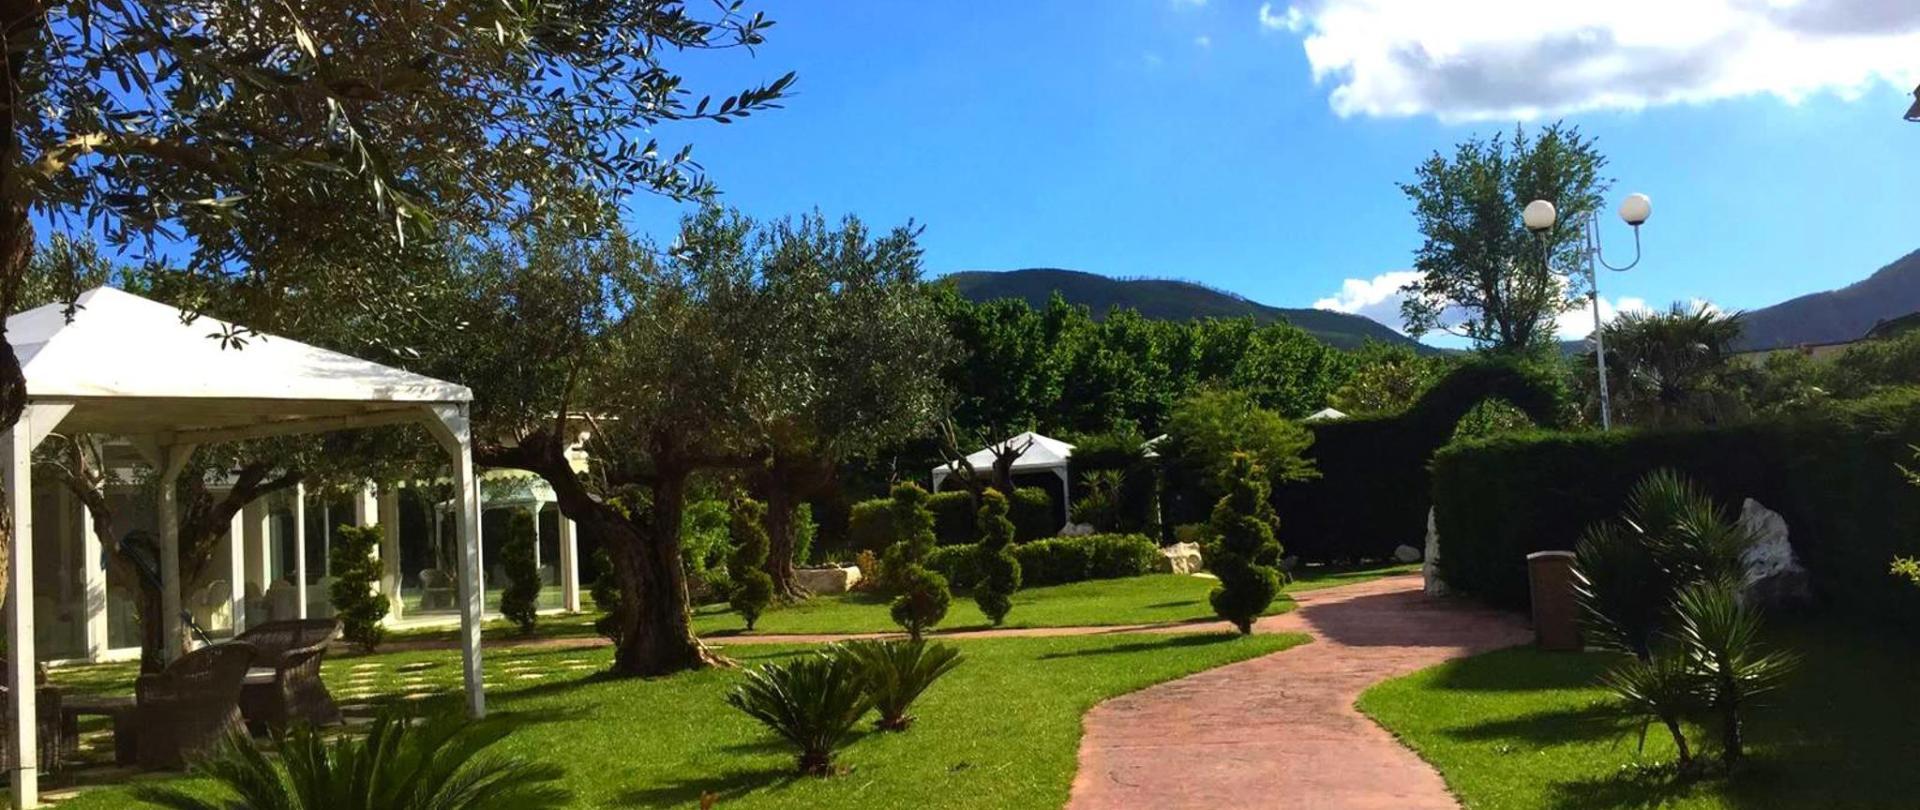 Virginia_Palace_Hotel_Terme_Spa_Giardino_Centro_Benessere.jpeg